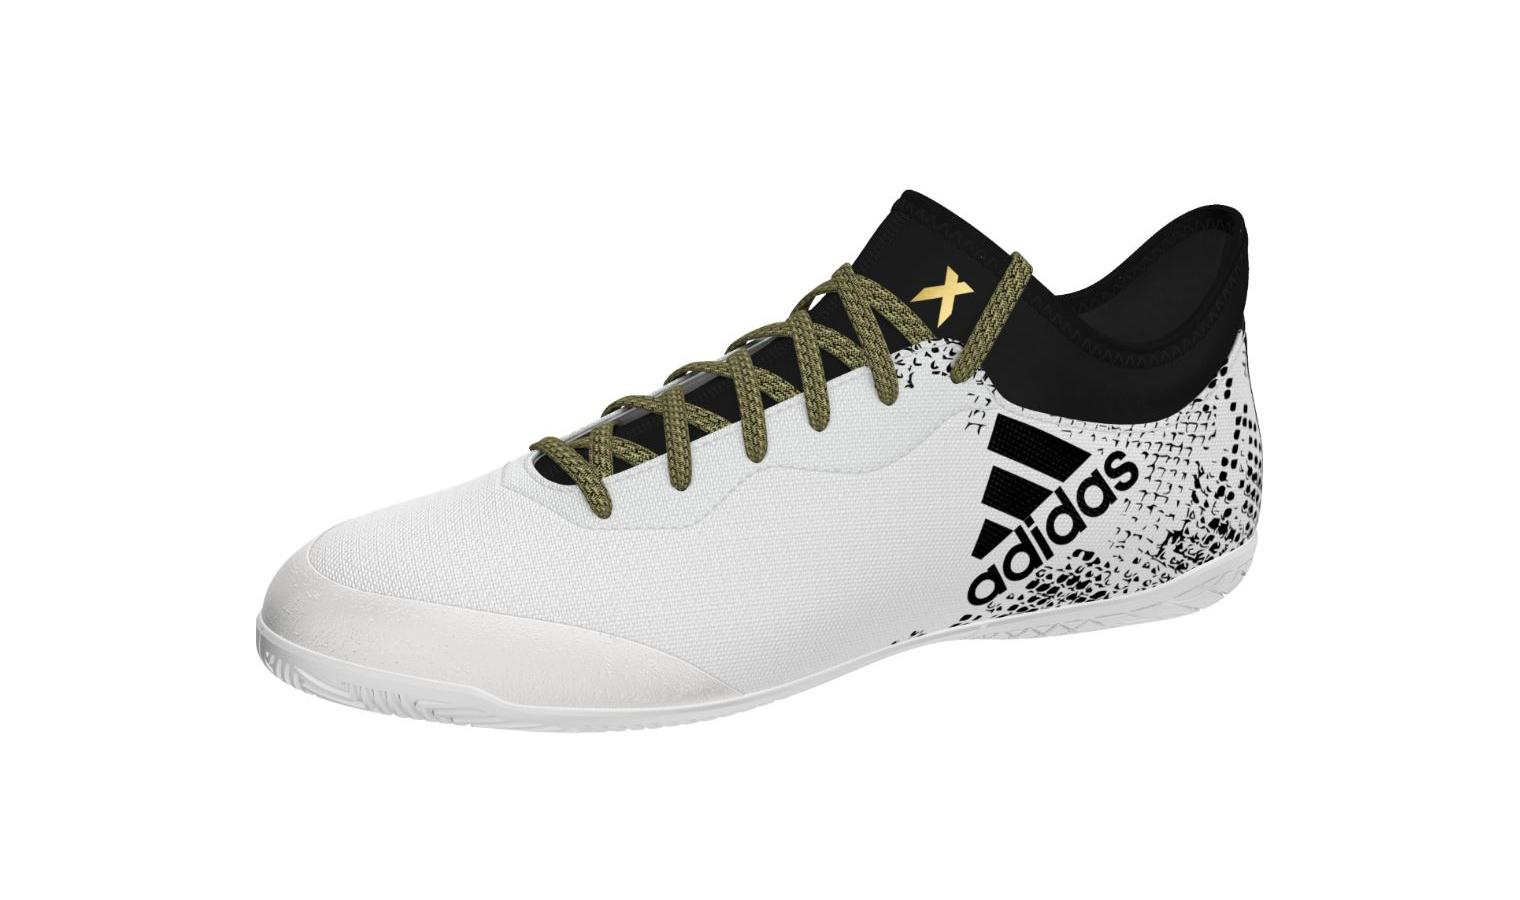 a6163eed0c8 Pánské sálovky adidas X 16.3 COURT bílé